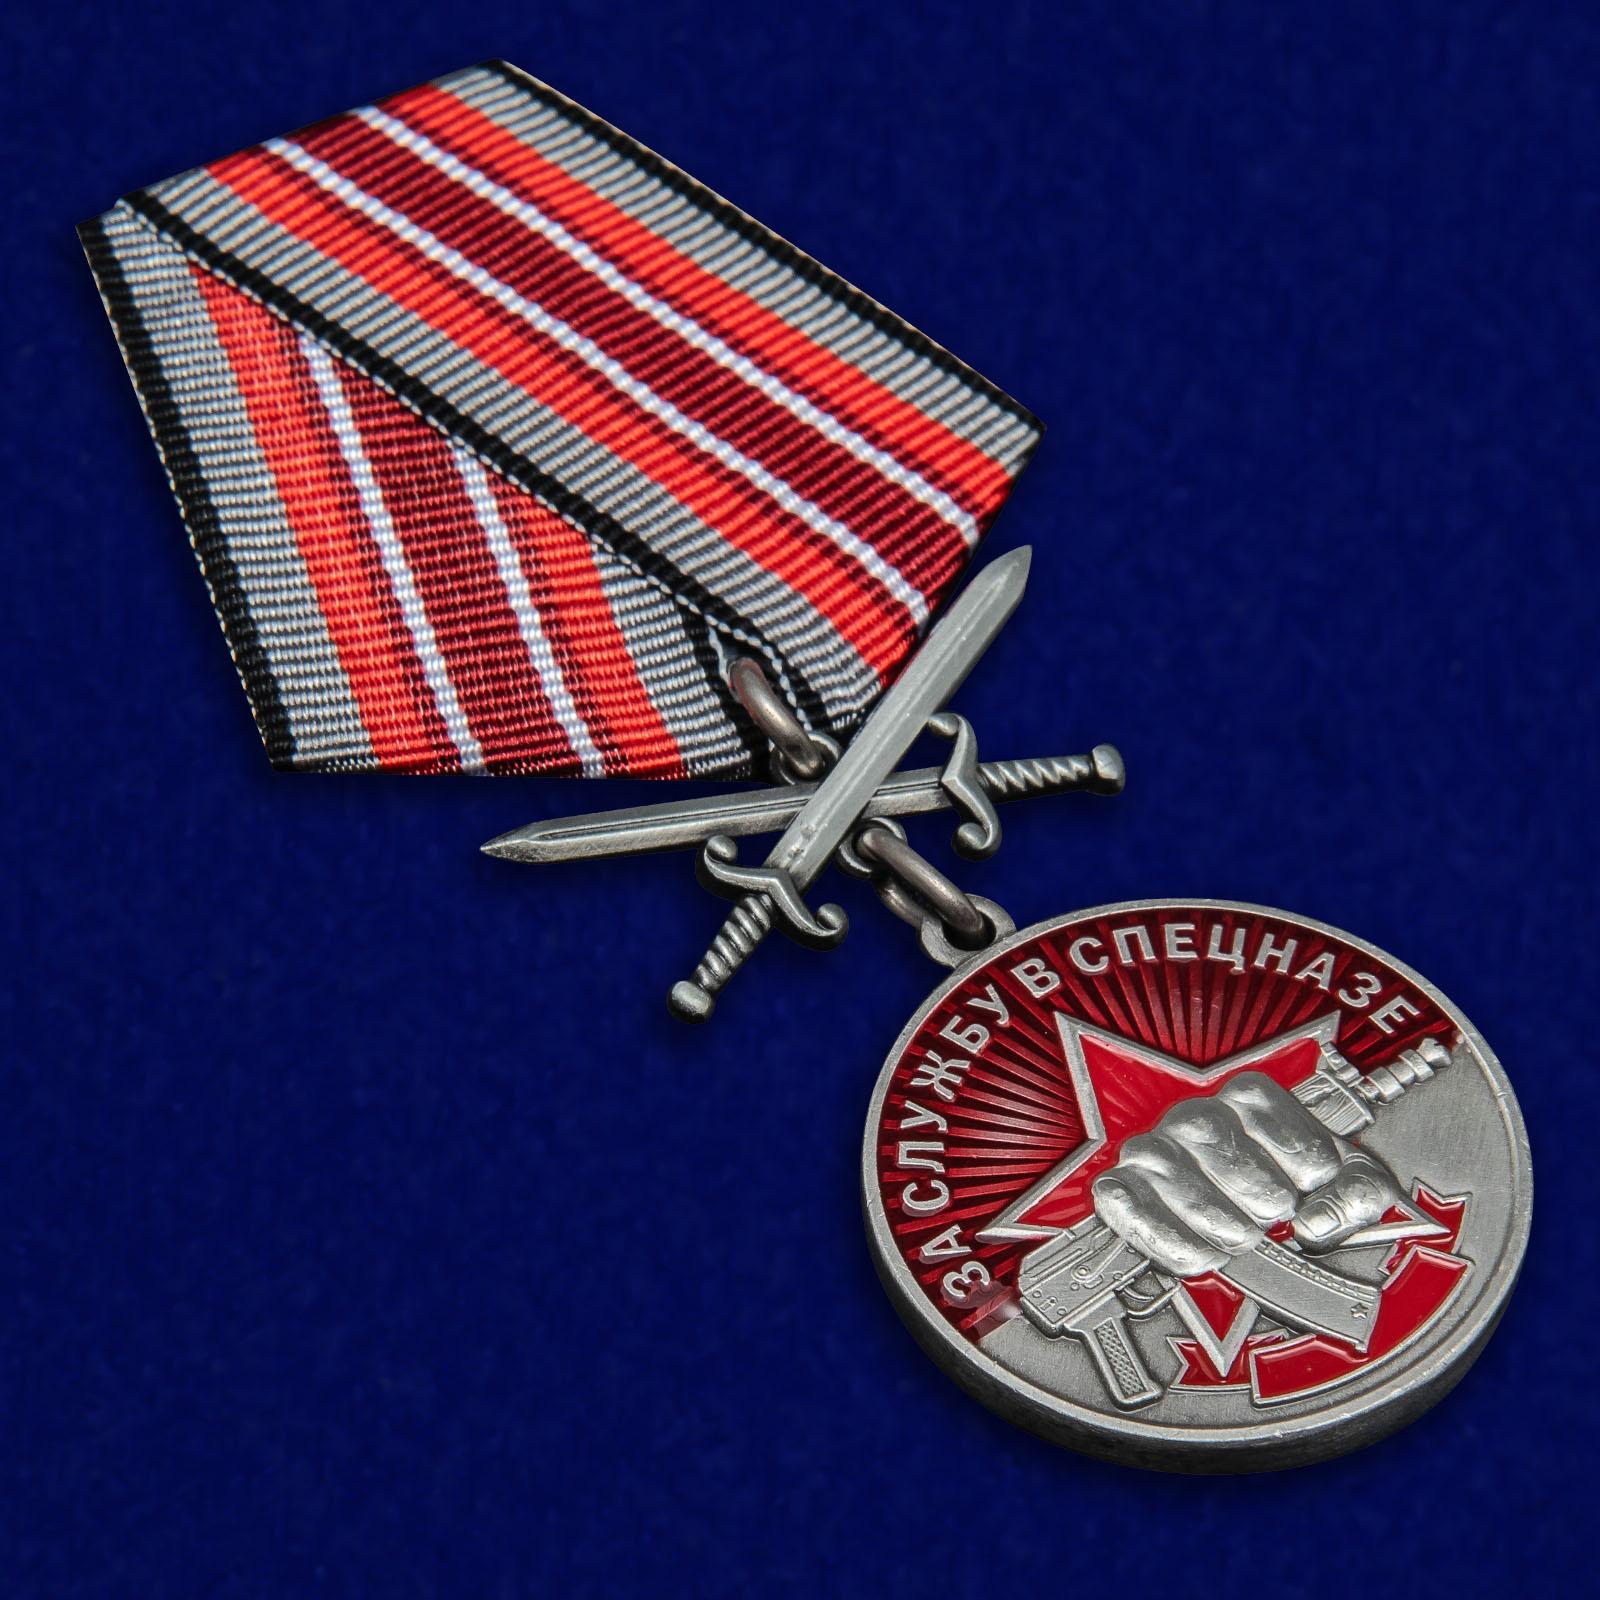 """Купить медаль """"За службу в Спецназе"""" с мечами"""